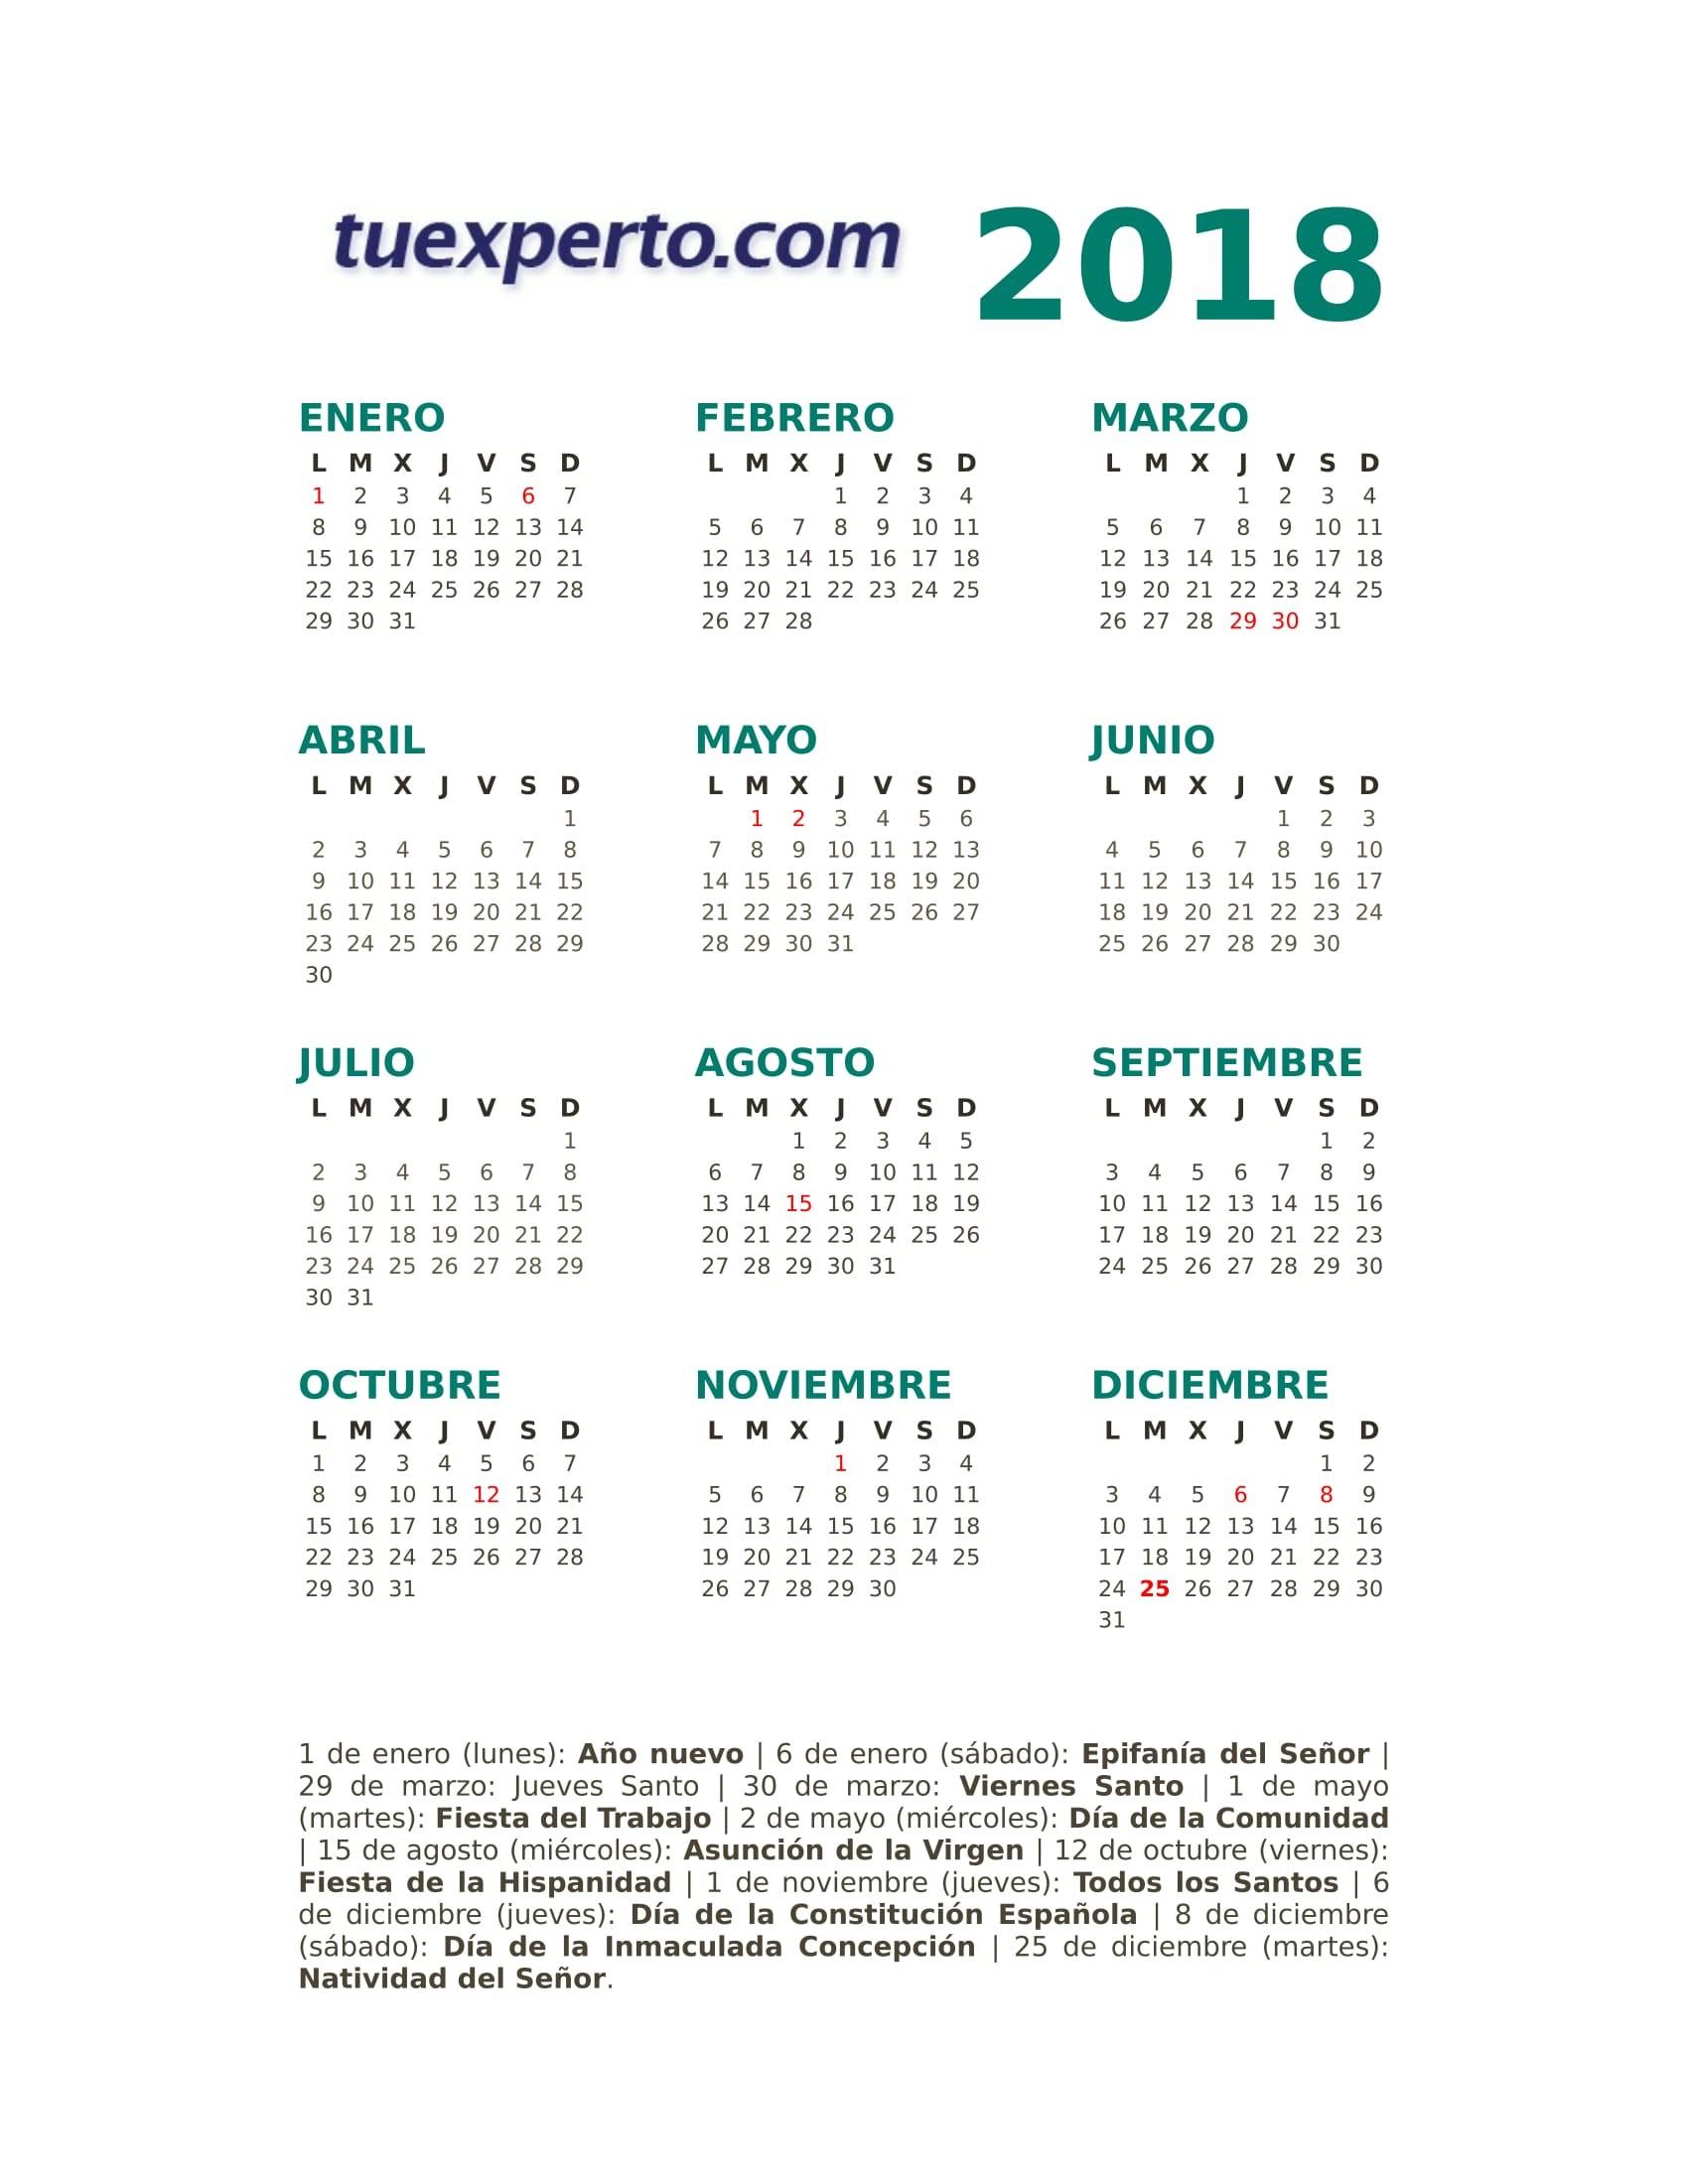 Calendario Abril Para Imprimir Más Actual 15 Imágenes De Calendario Laboral 2018 De Madrid Para Imprimir Y Of Calendario Abril Para Imprimir Actual Calendario Para Imprimir Abr 2017 Calendarios Para Imprimir